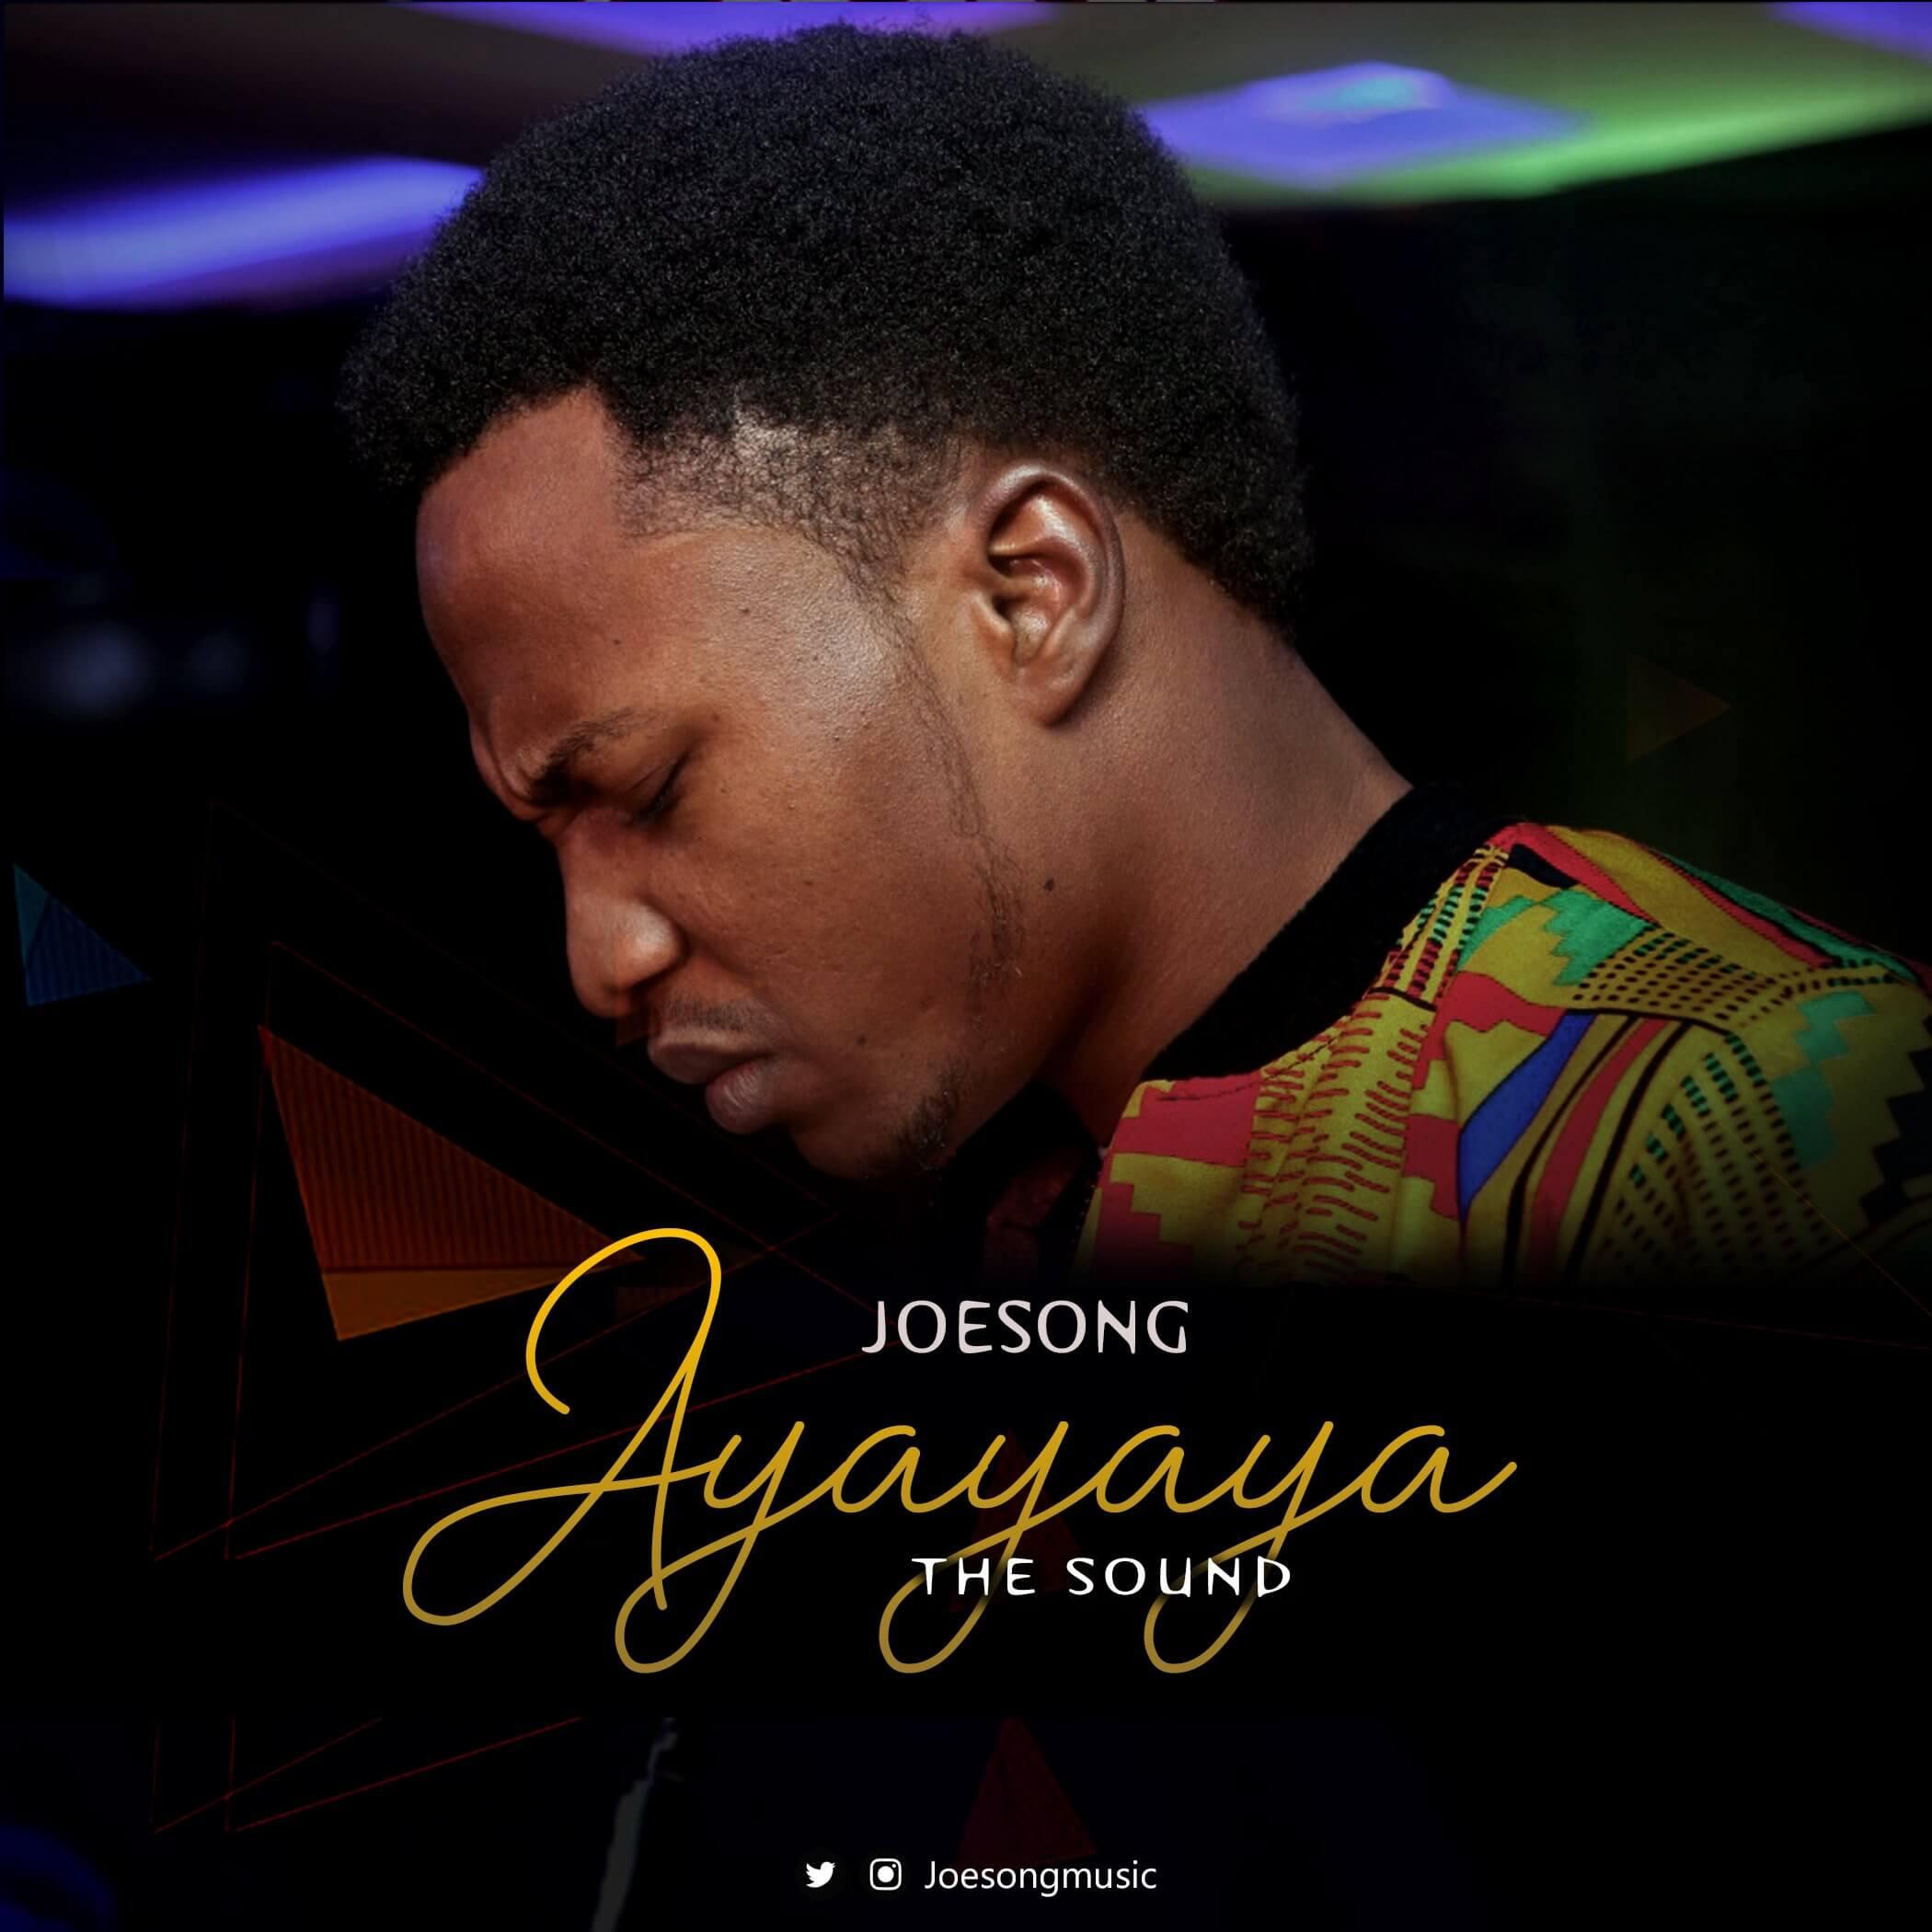 DOWNLOAD Music: Joesong – Ayayaya (The Sound)